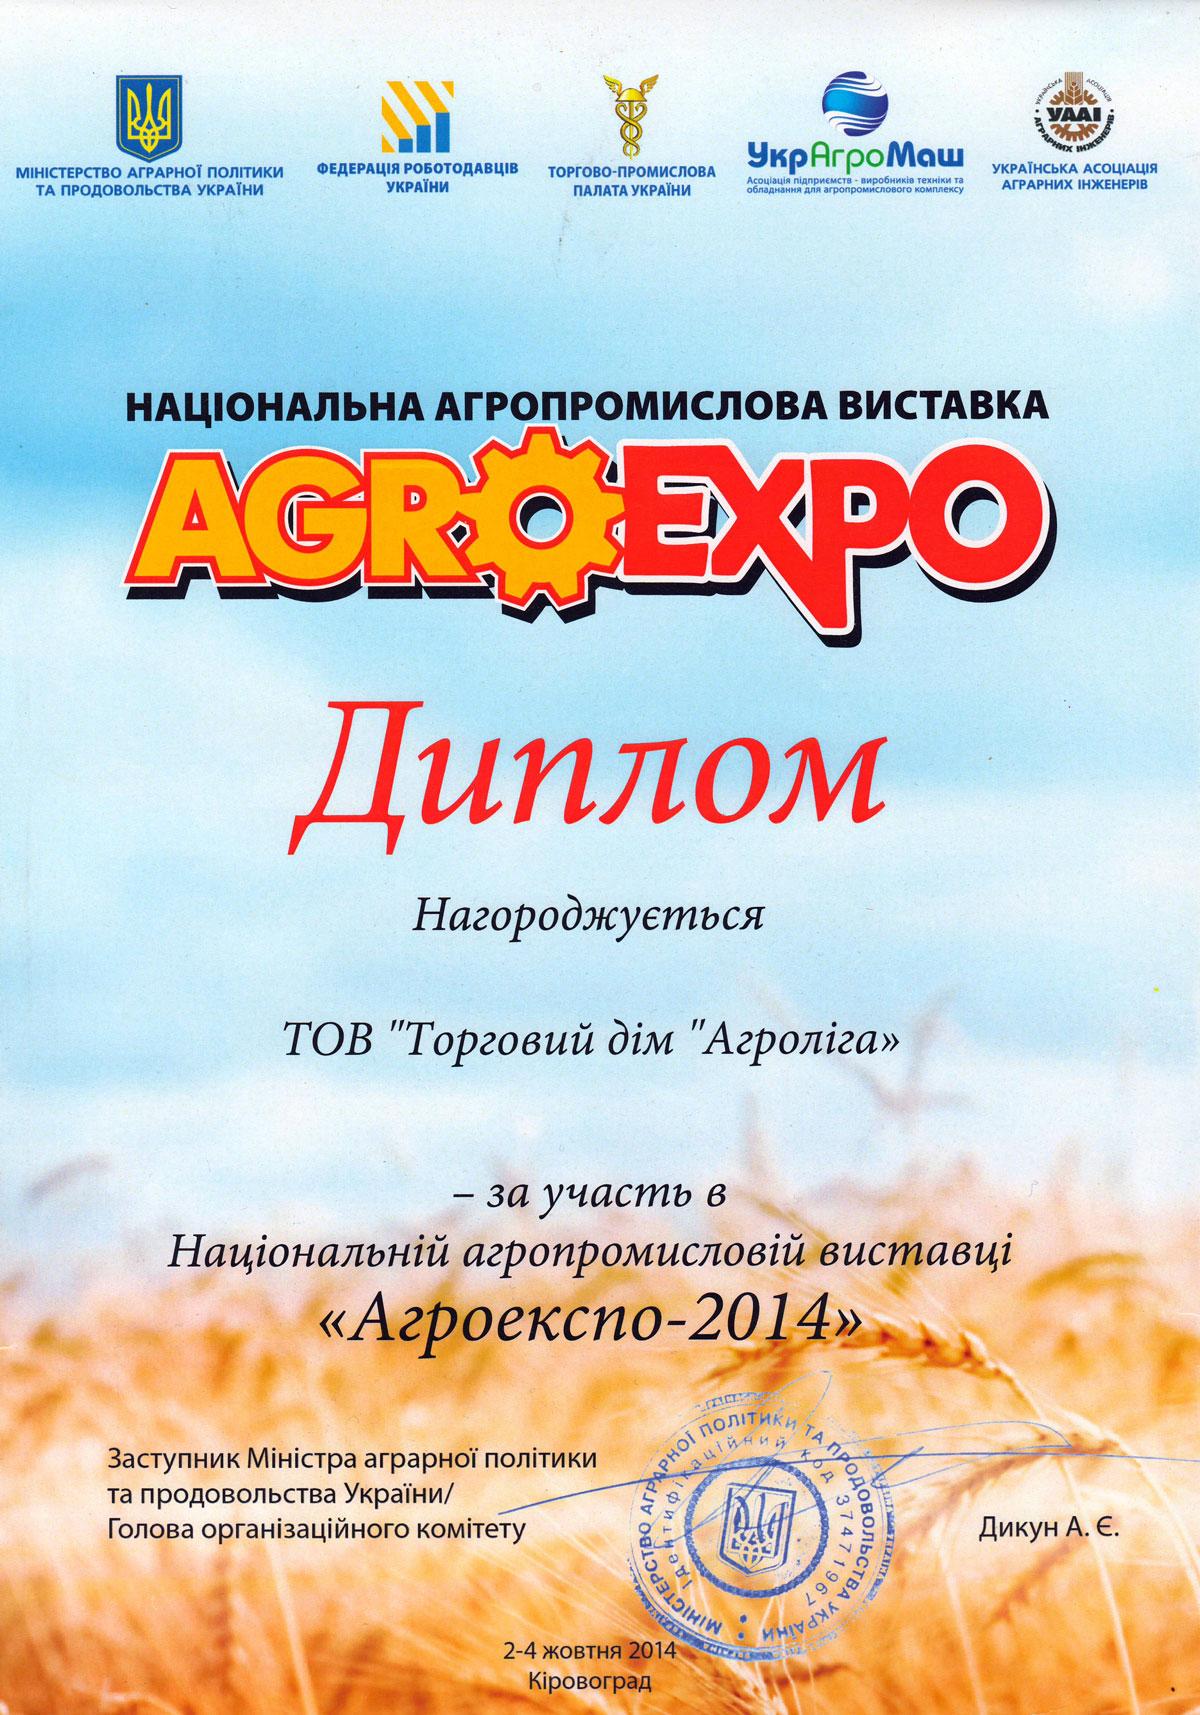 Участник Agroexpo 2014